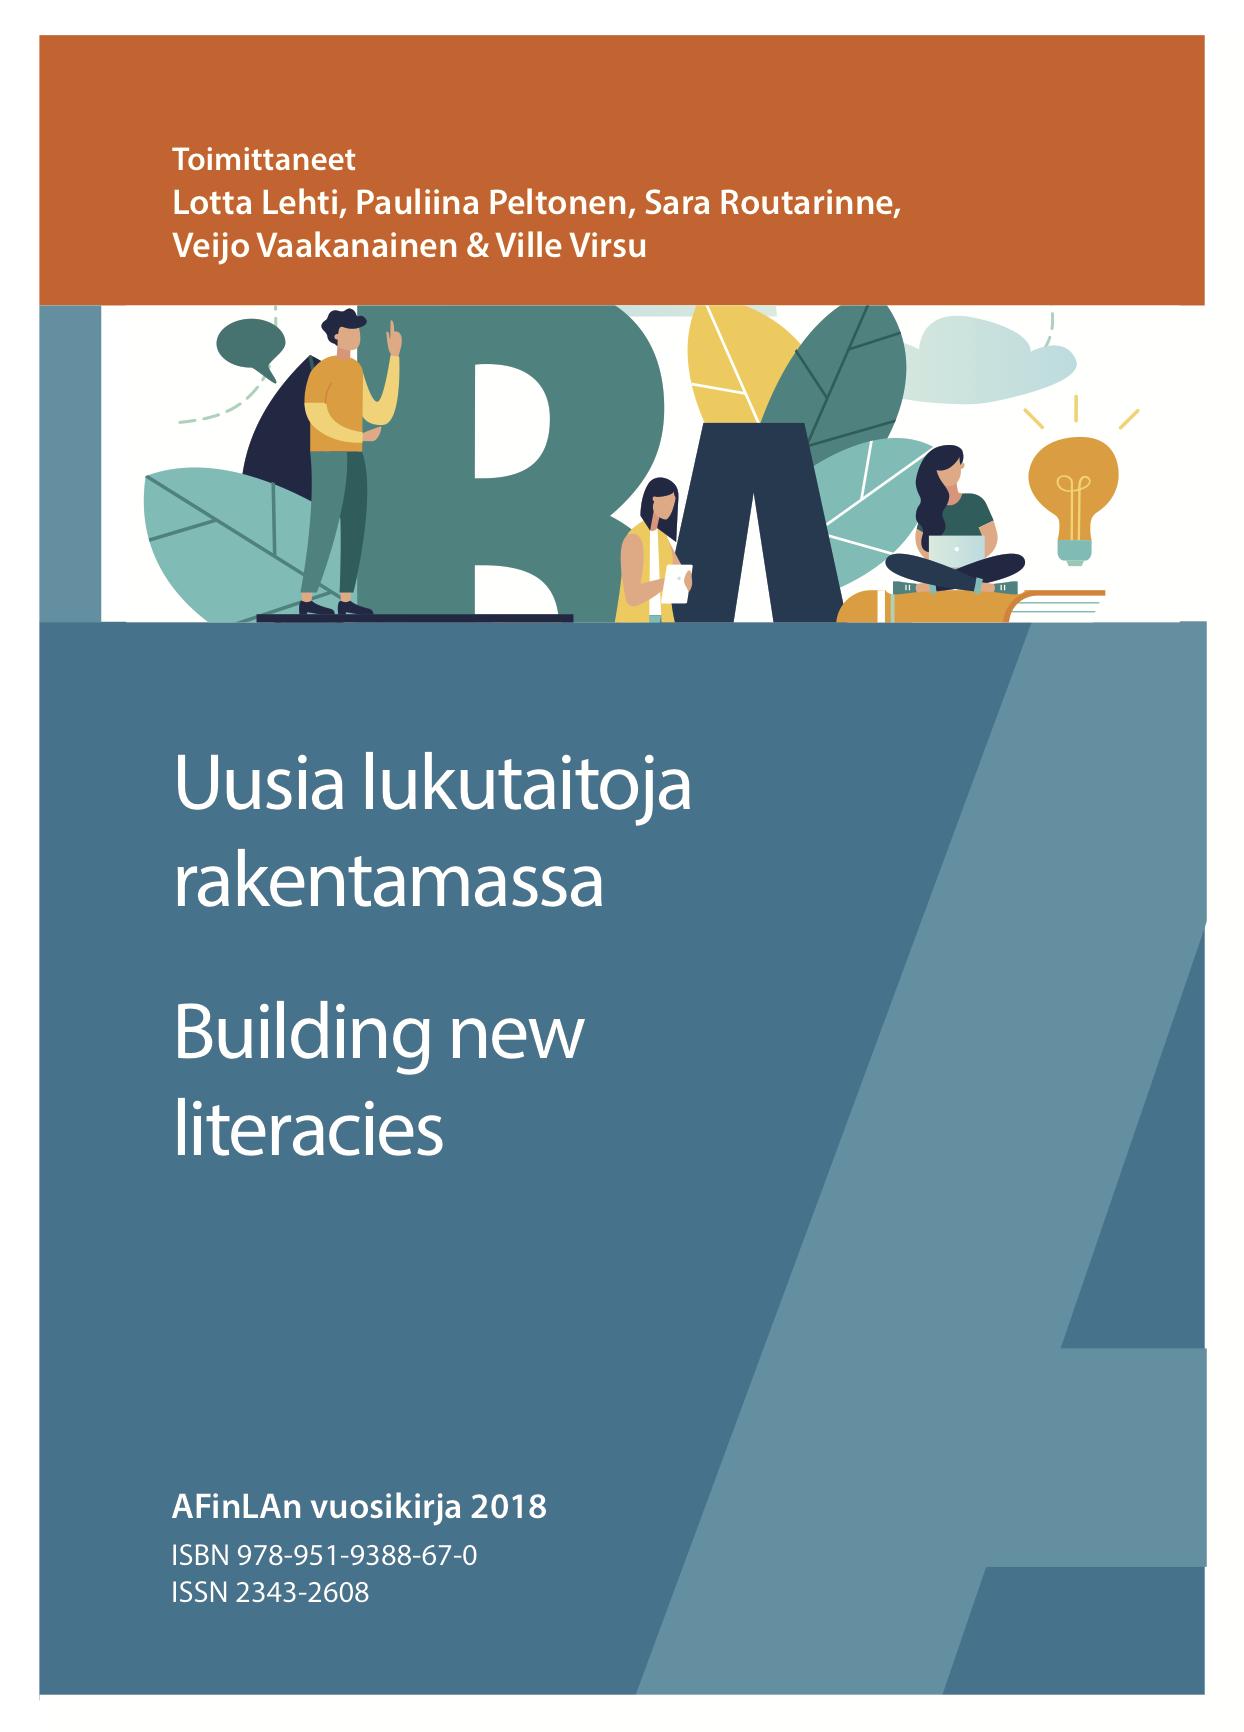 Näytä AFinLAn vuosikirja 2018 (Suomen soveltavan kielitieteen yhdistyksen julkaisuja 76)